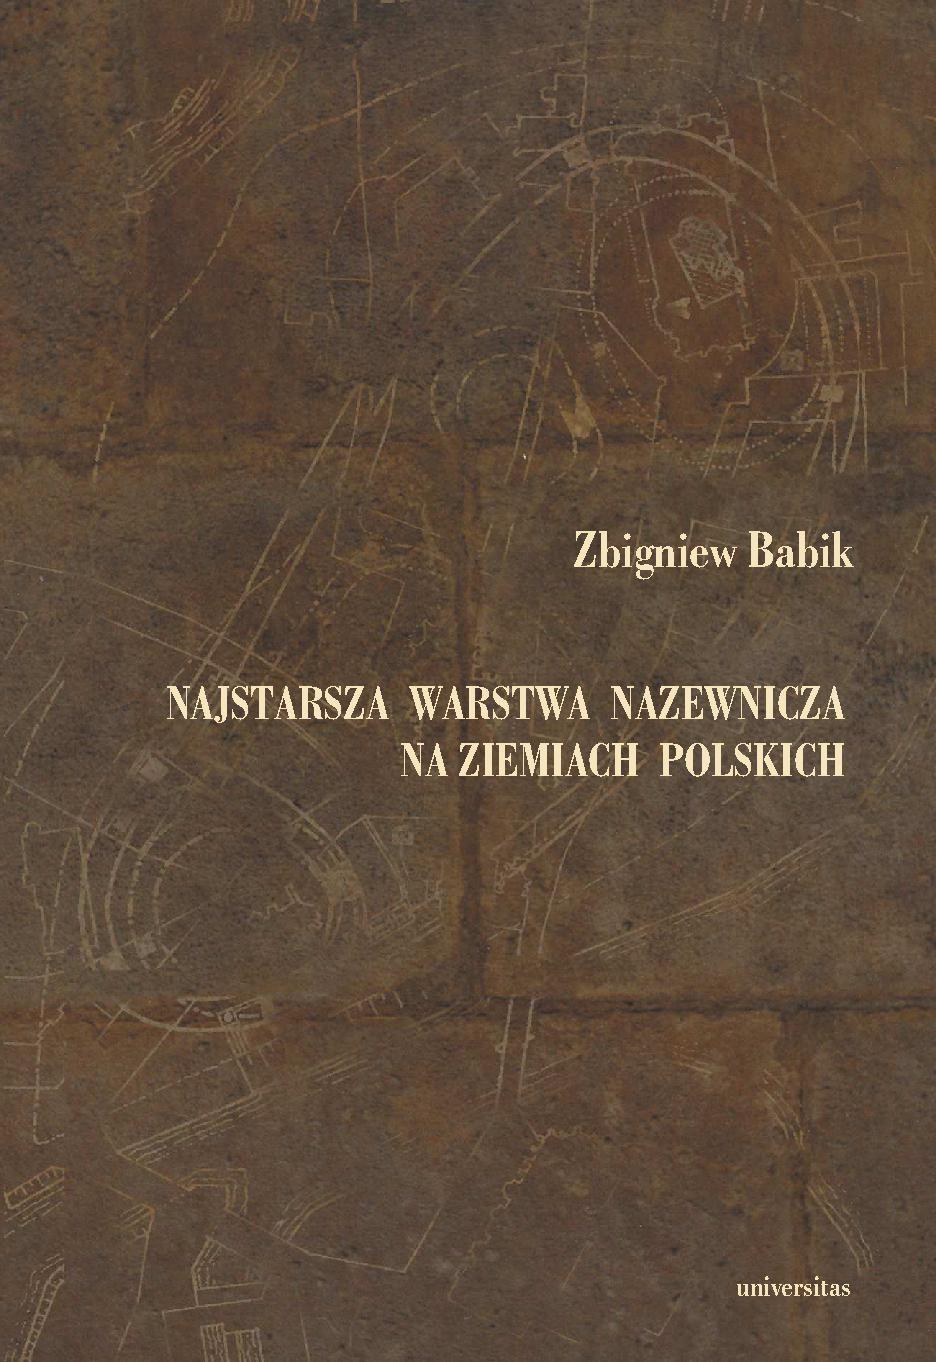 Najstarsza warstwa nazewnicza na ziemiach polskich - Ebook (Książka PDF) do pobrania w formacie PDF